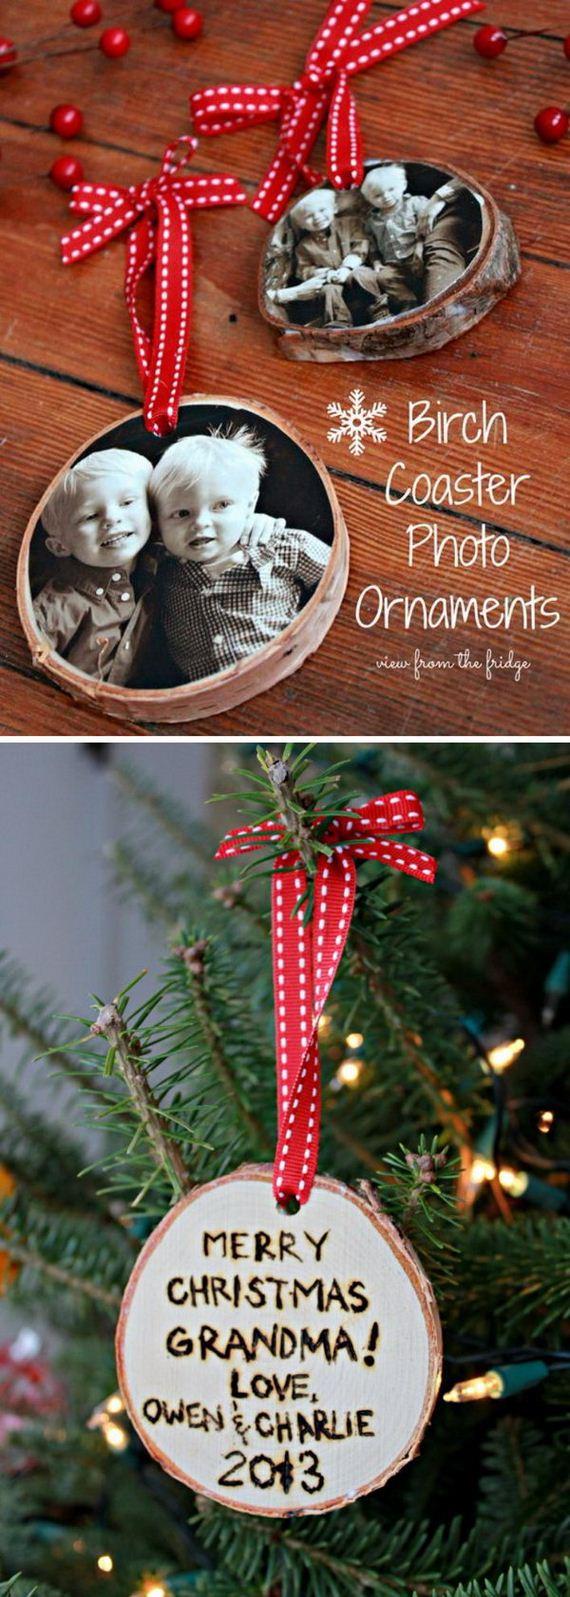 10-photos-cards-christmas